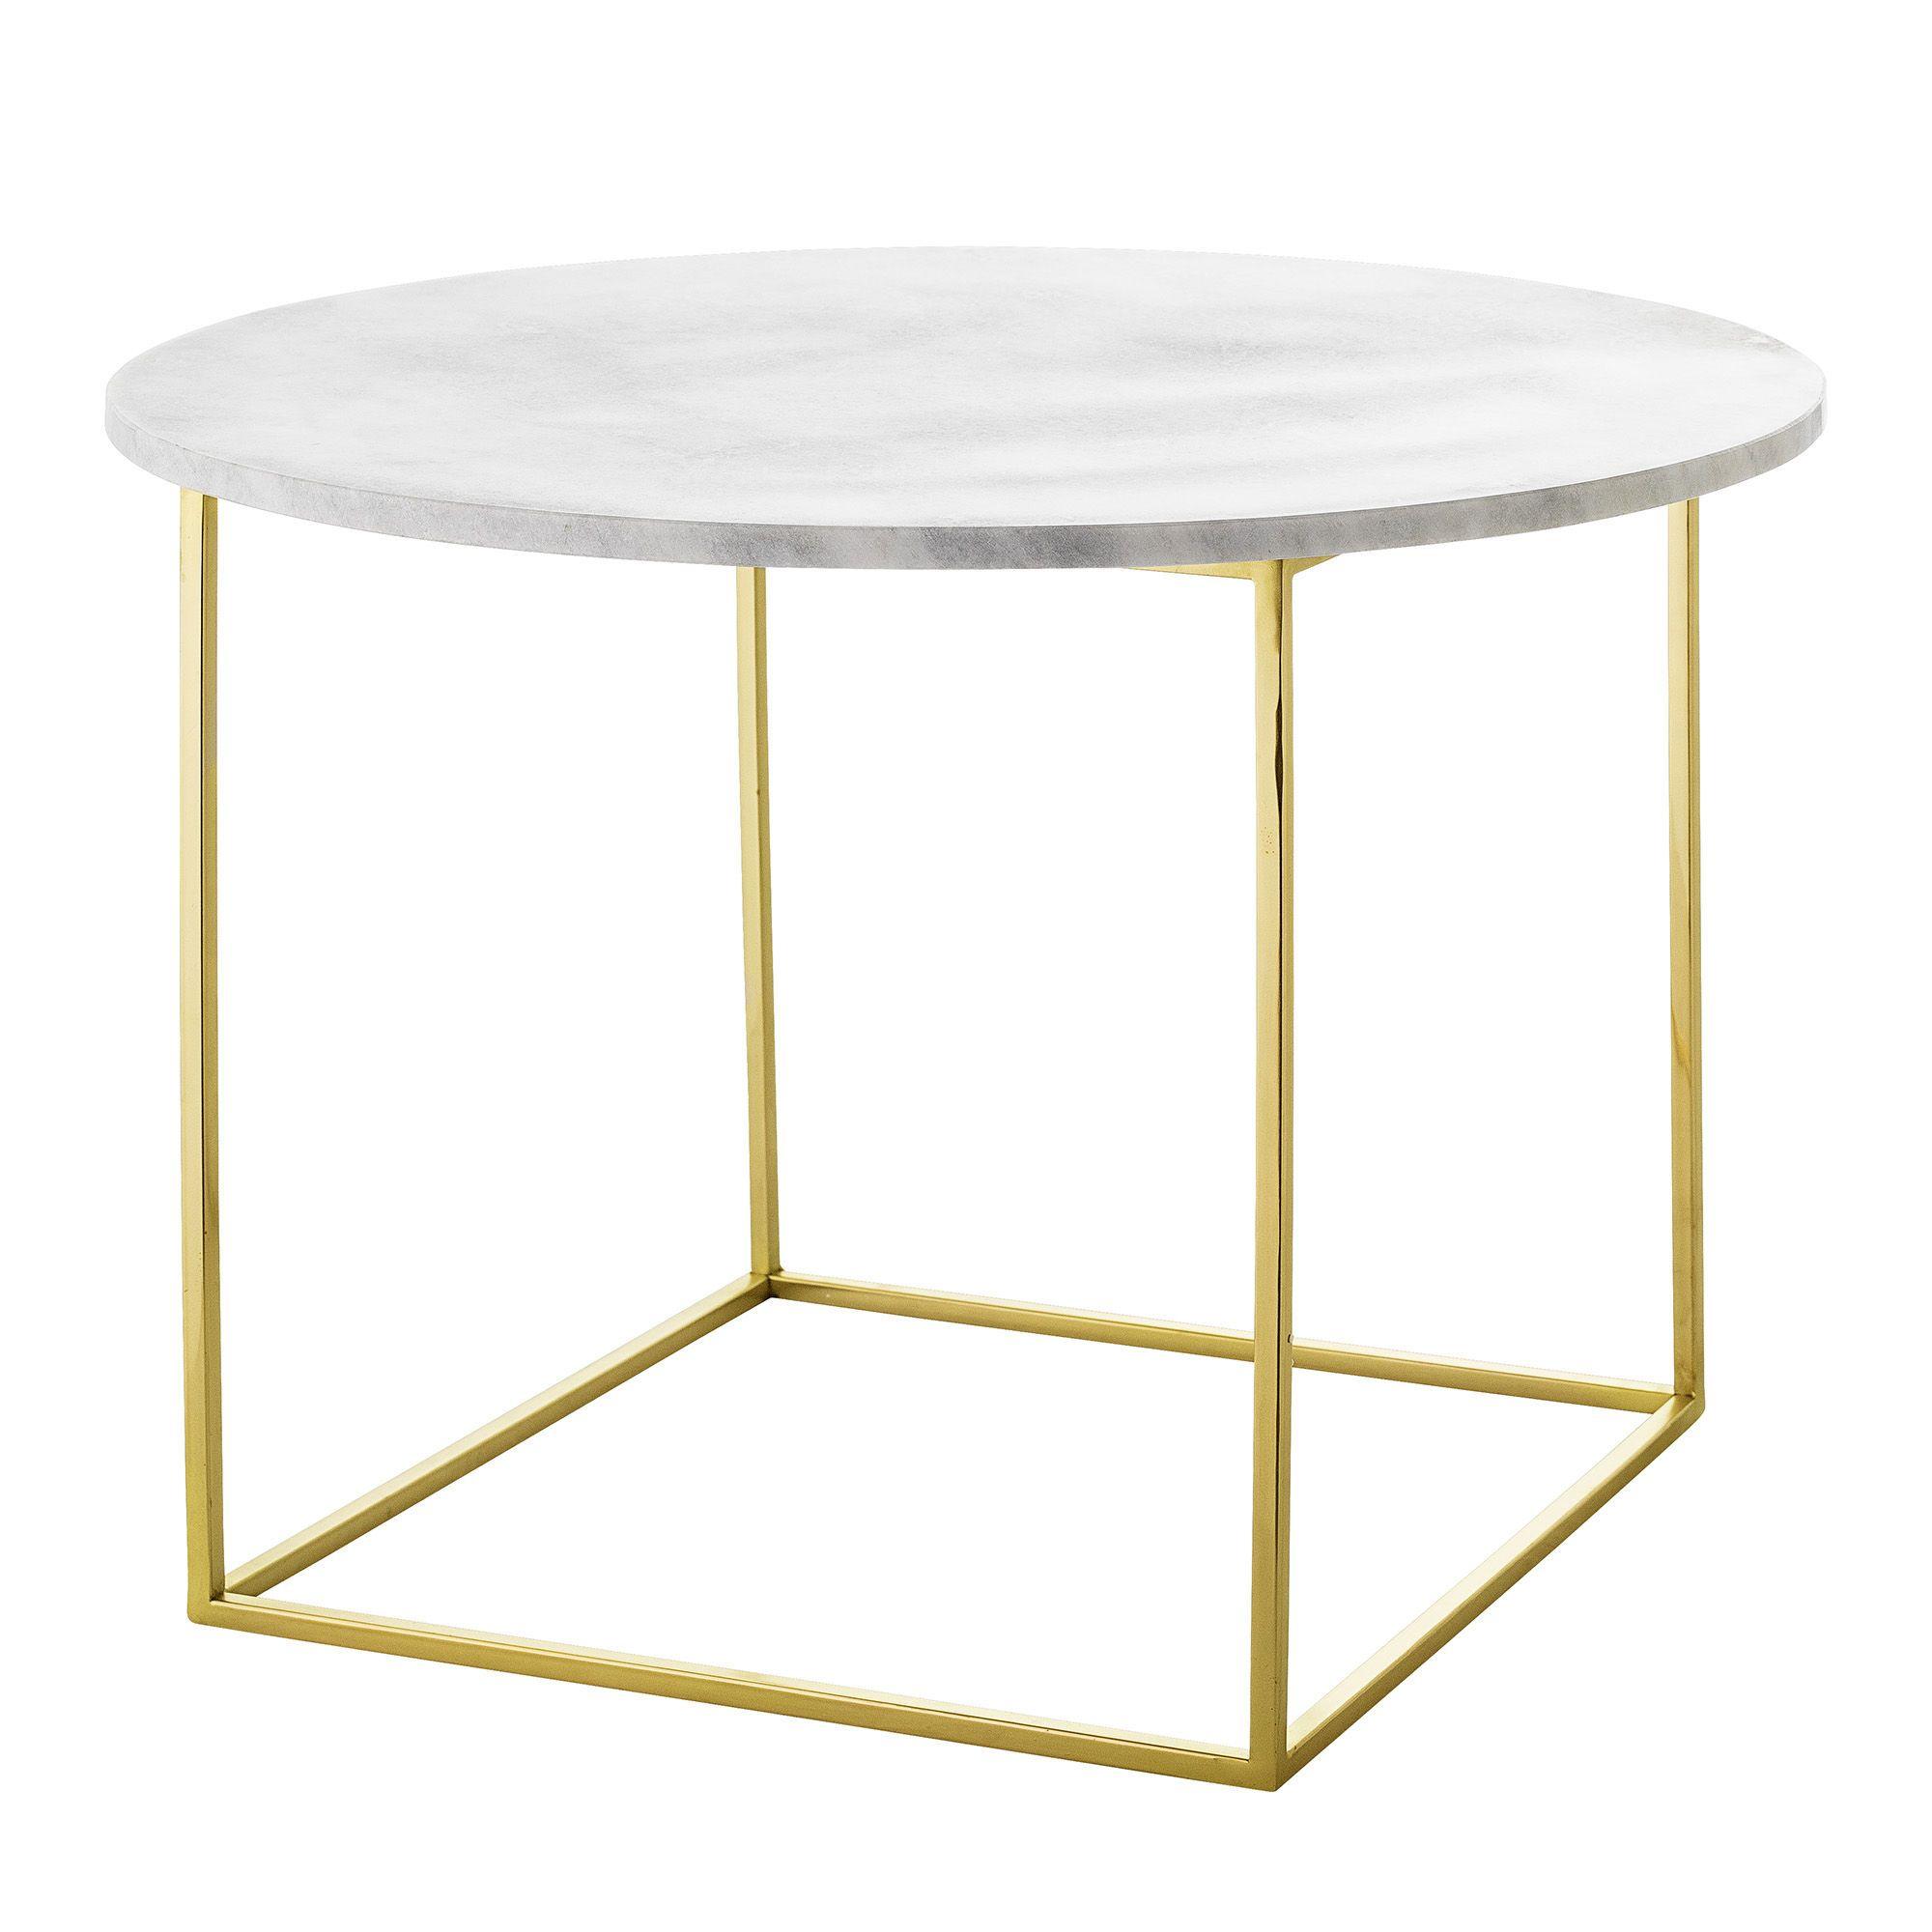 Table Basse Eva Marbre ø 60 Cm Bloomingville In 2019